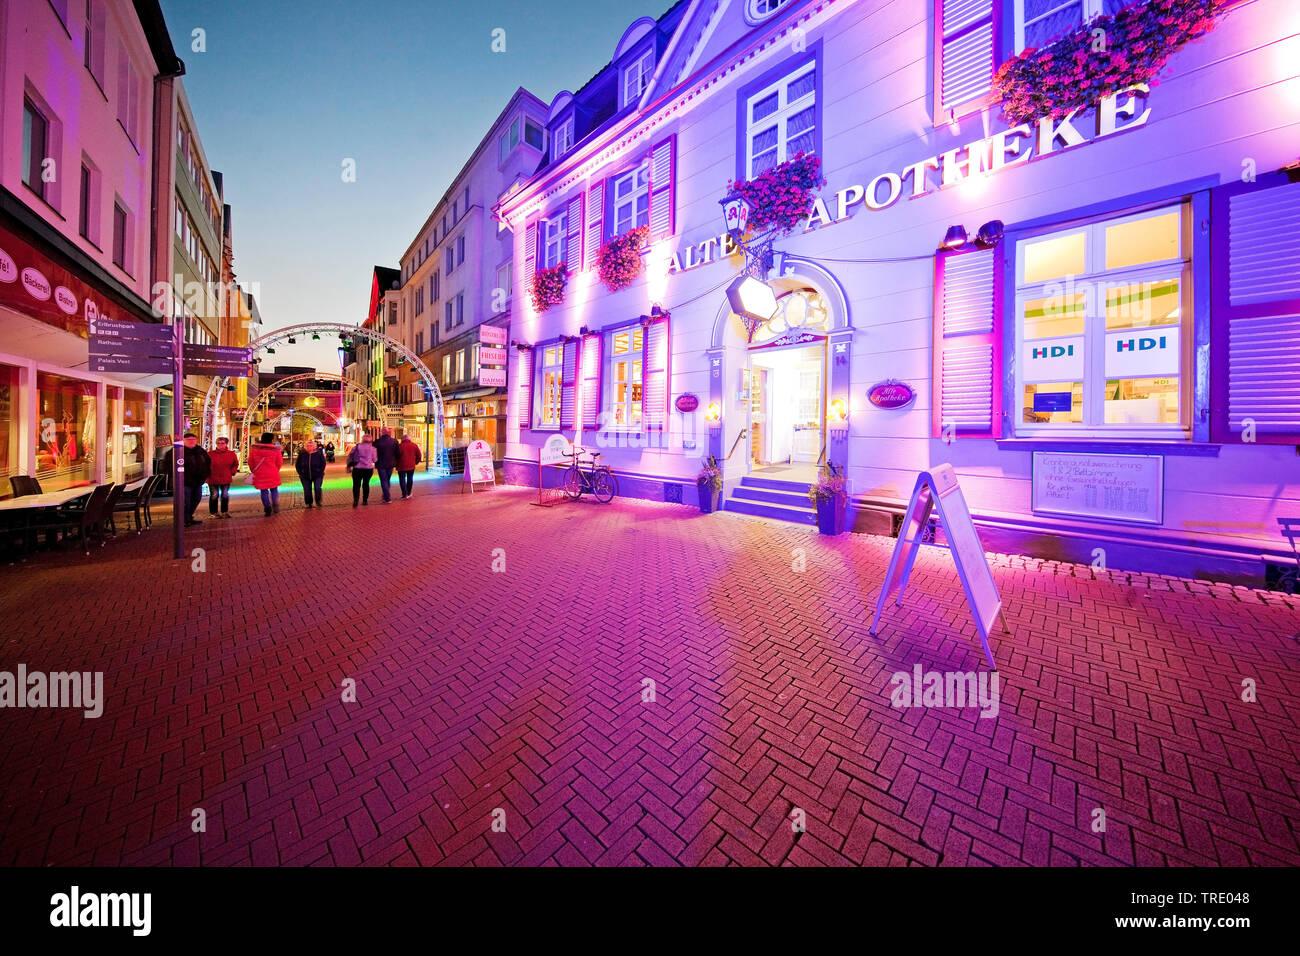 Illuminierte Apotheke in der Altstadt bei der Veranstaltung Recklinghausen leuchtet, Deutschland, Nordrhein-Westfalen, Ruhrgebiet, Recklinghausen   il - Stock Image